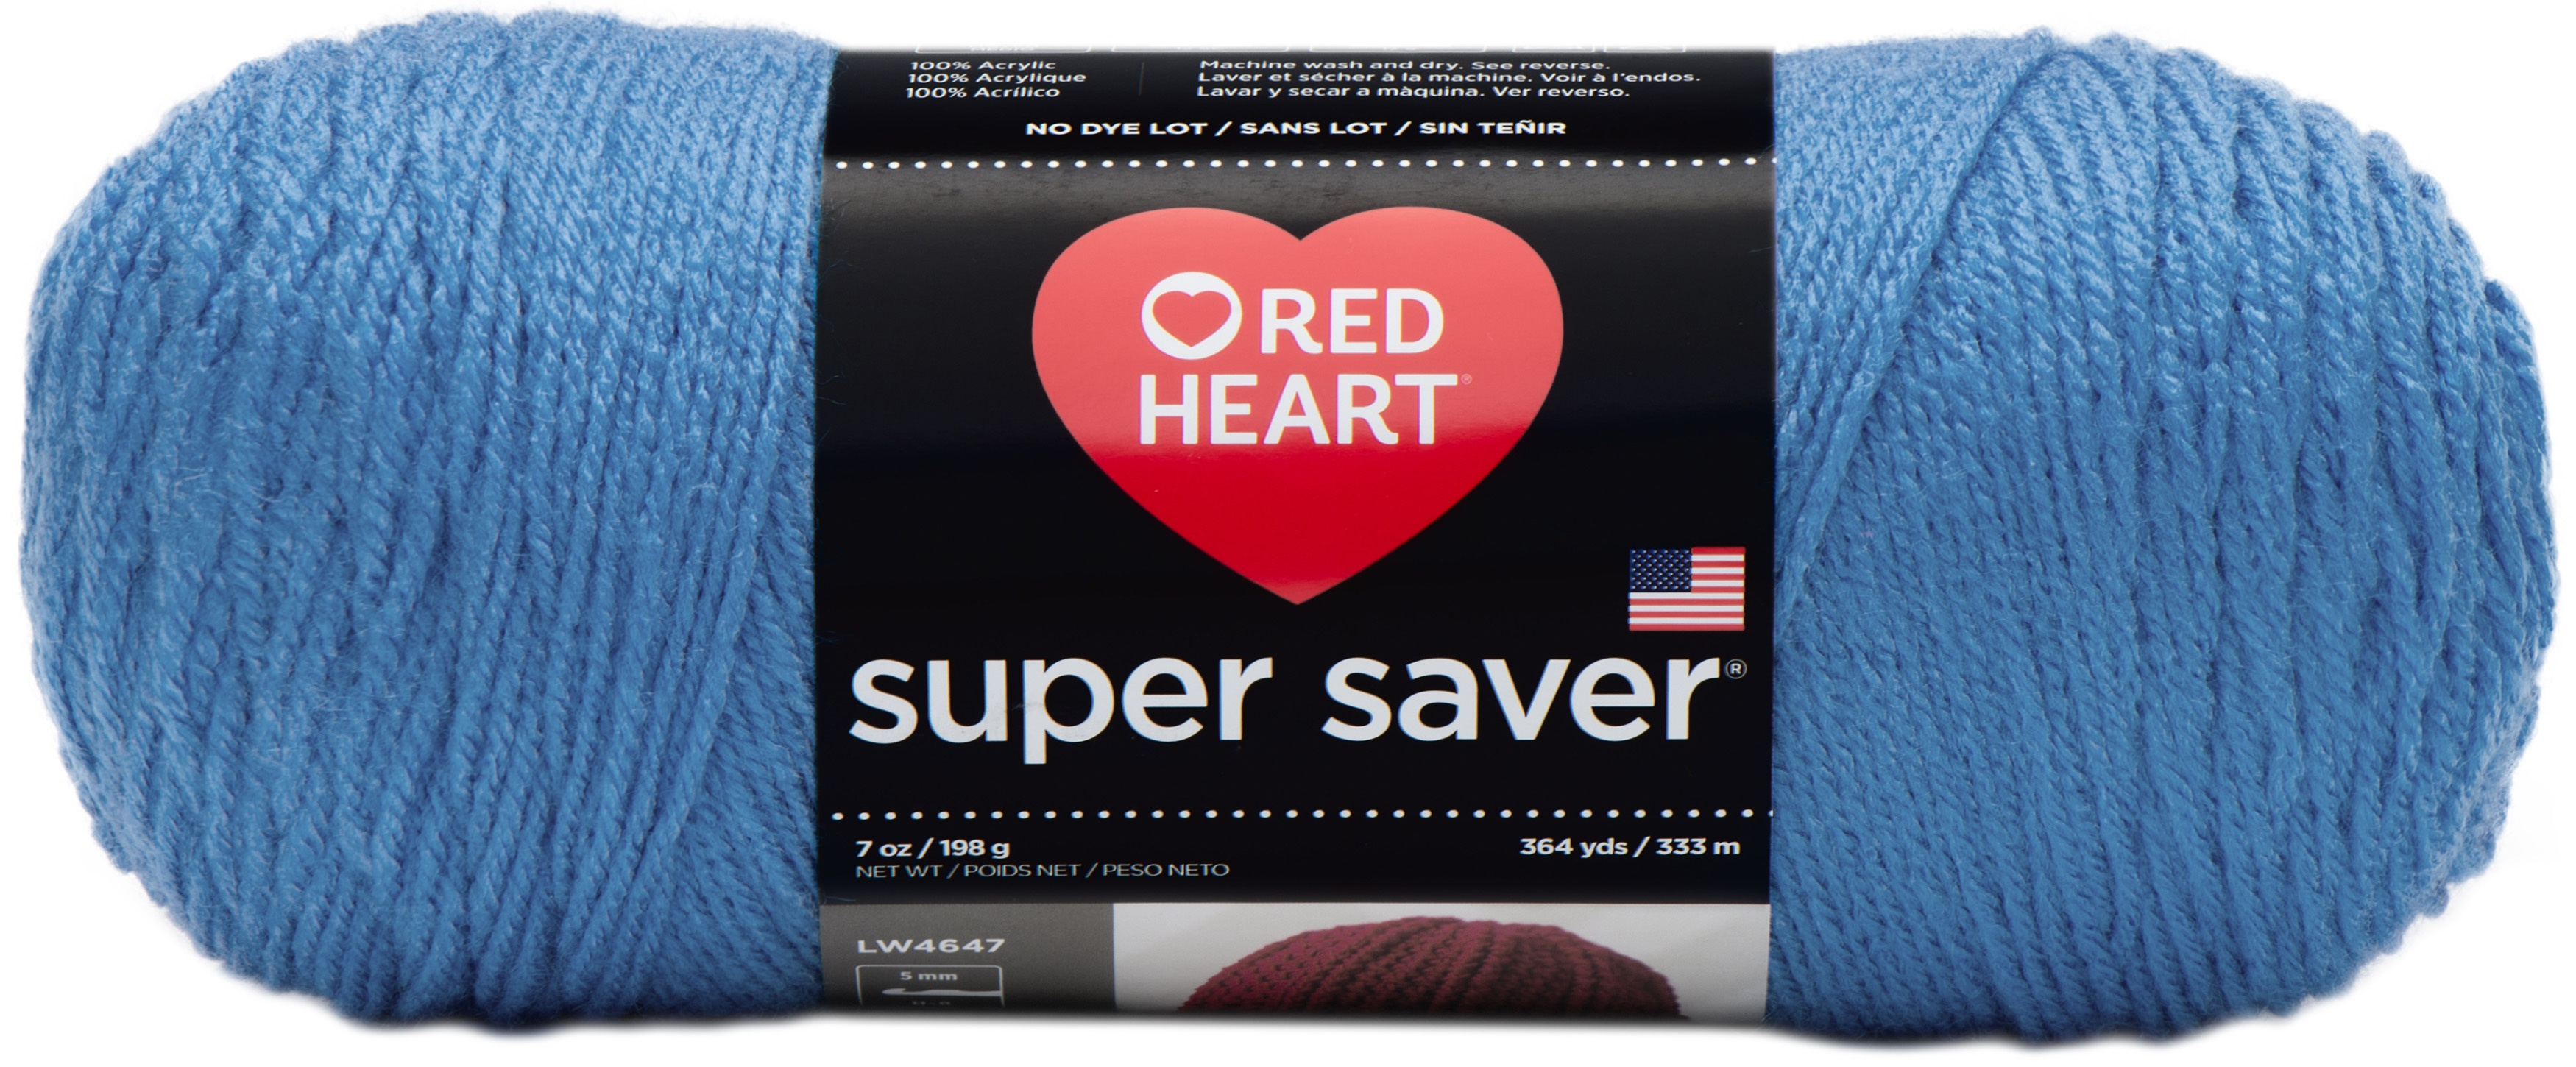 Red-Heart-Super-Saver-Yarn-Delft-Blue-E300-885